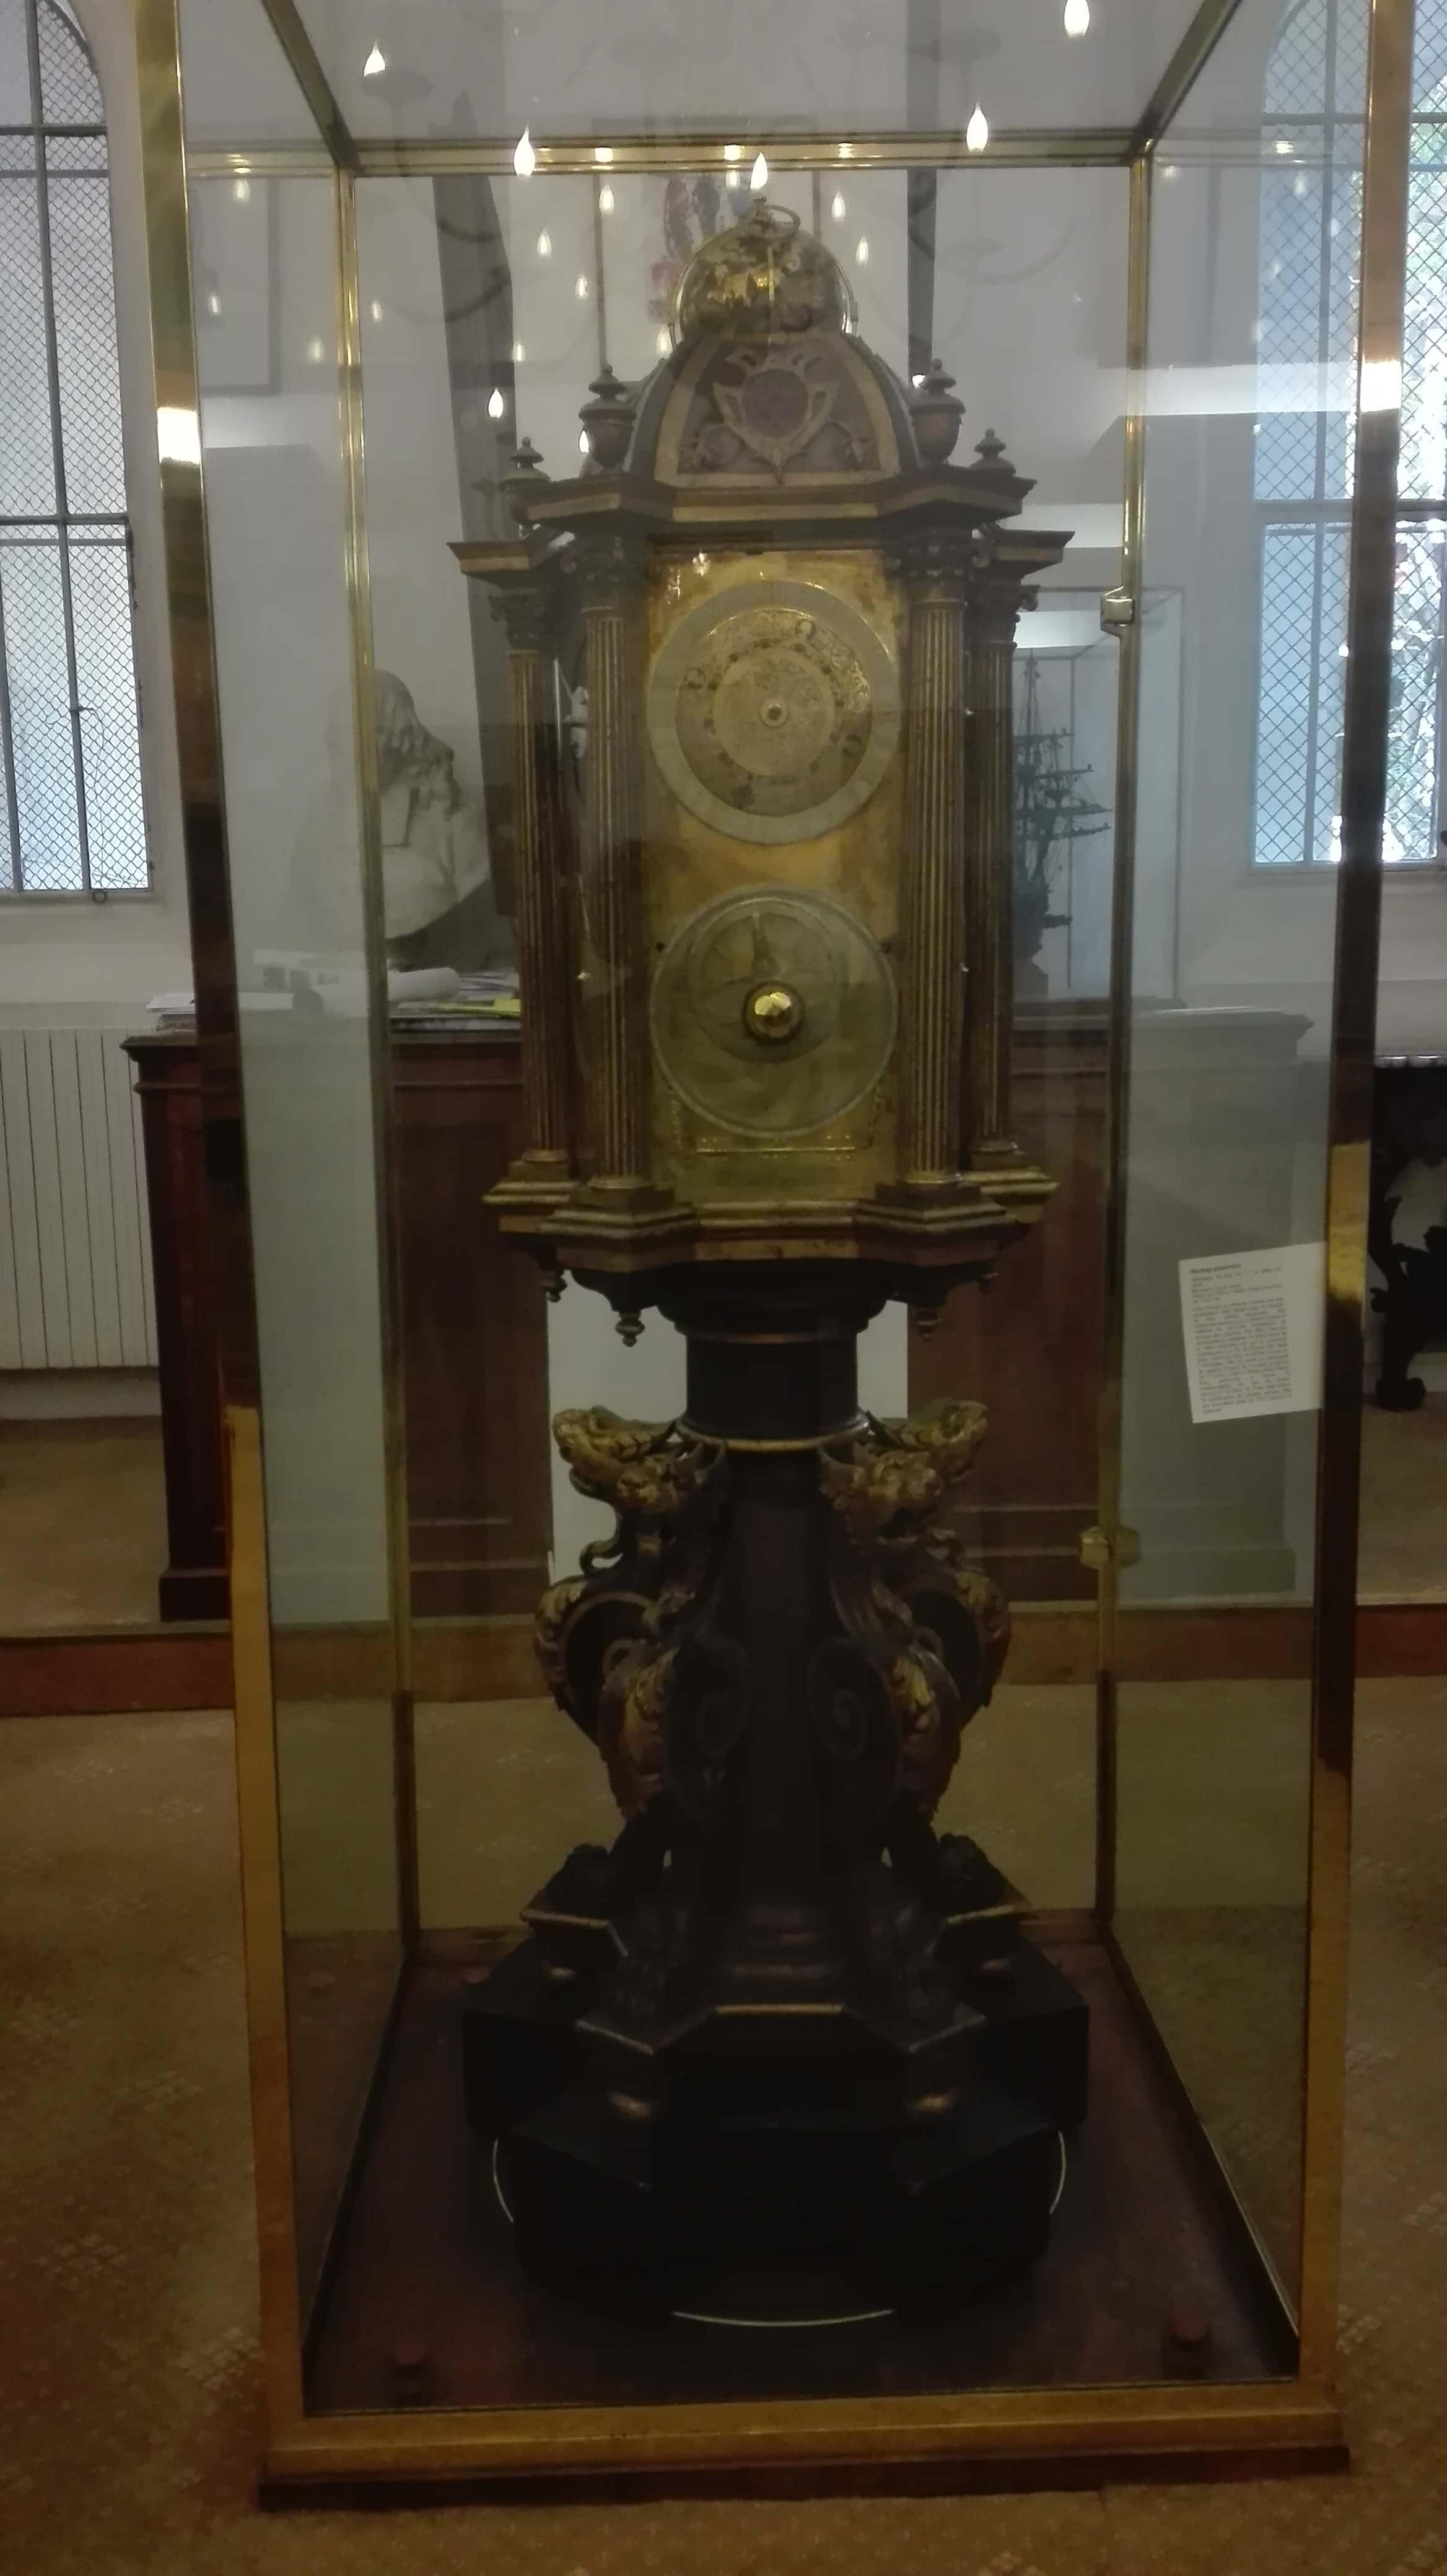 Horloge planétaire. Bibliothèque Sainte-Geneviève